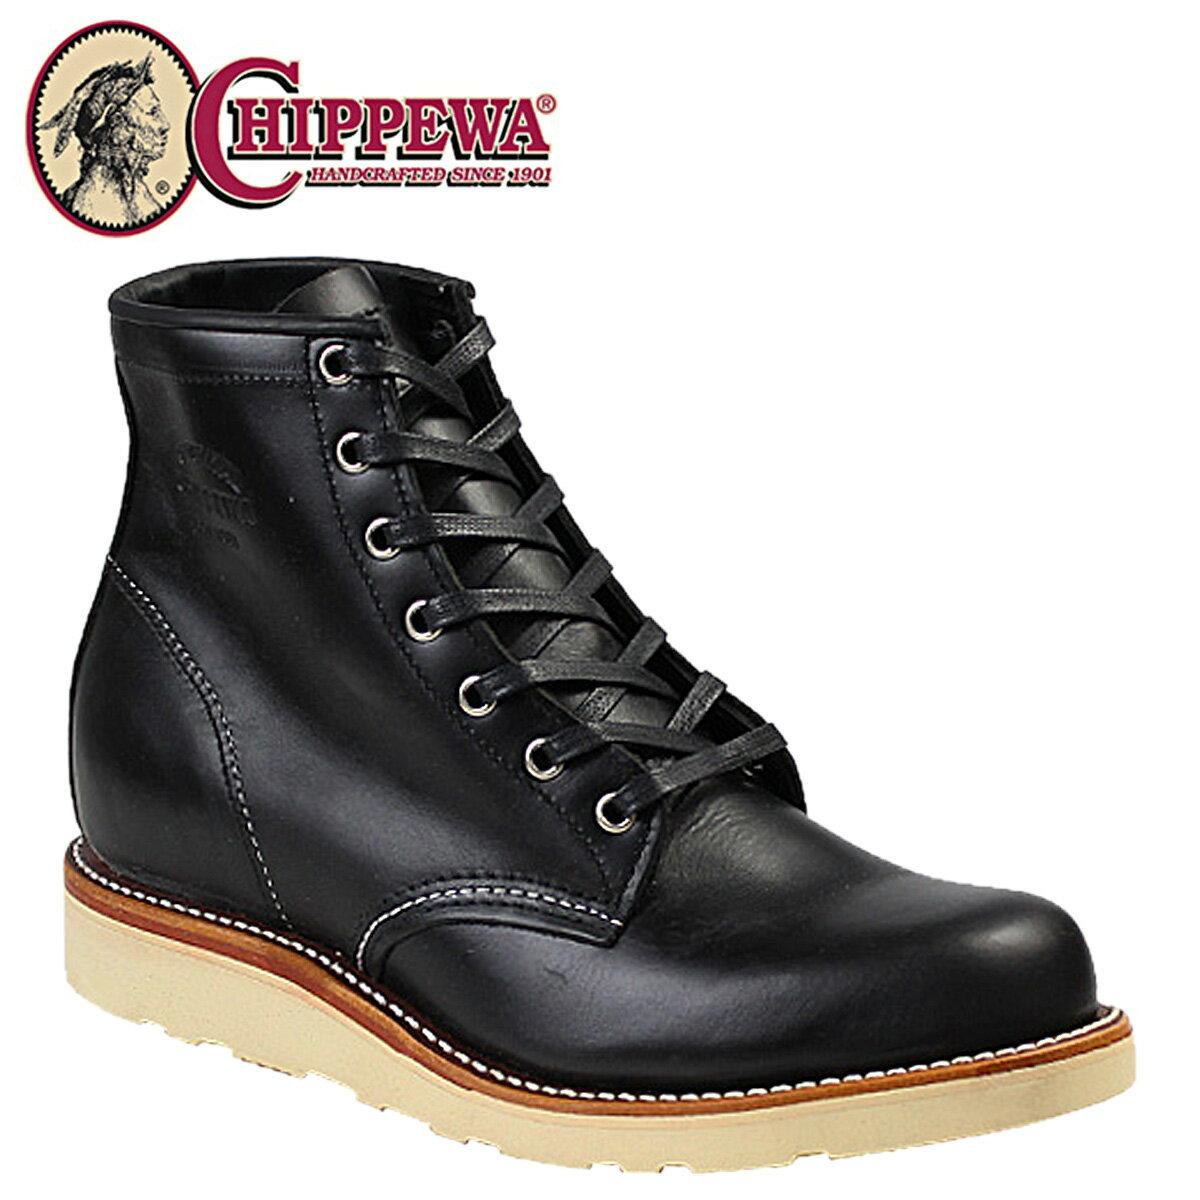 チペワ ブーツ 6インチ プレーン トゥ ウェッジ CHIPPEWA 6INCH PLAIN TOE WEDGE 1901M15 Dワイズ ブラック メンズ